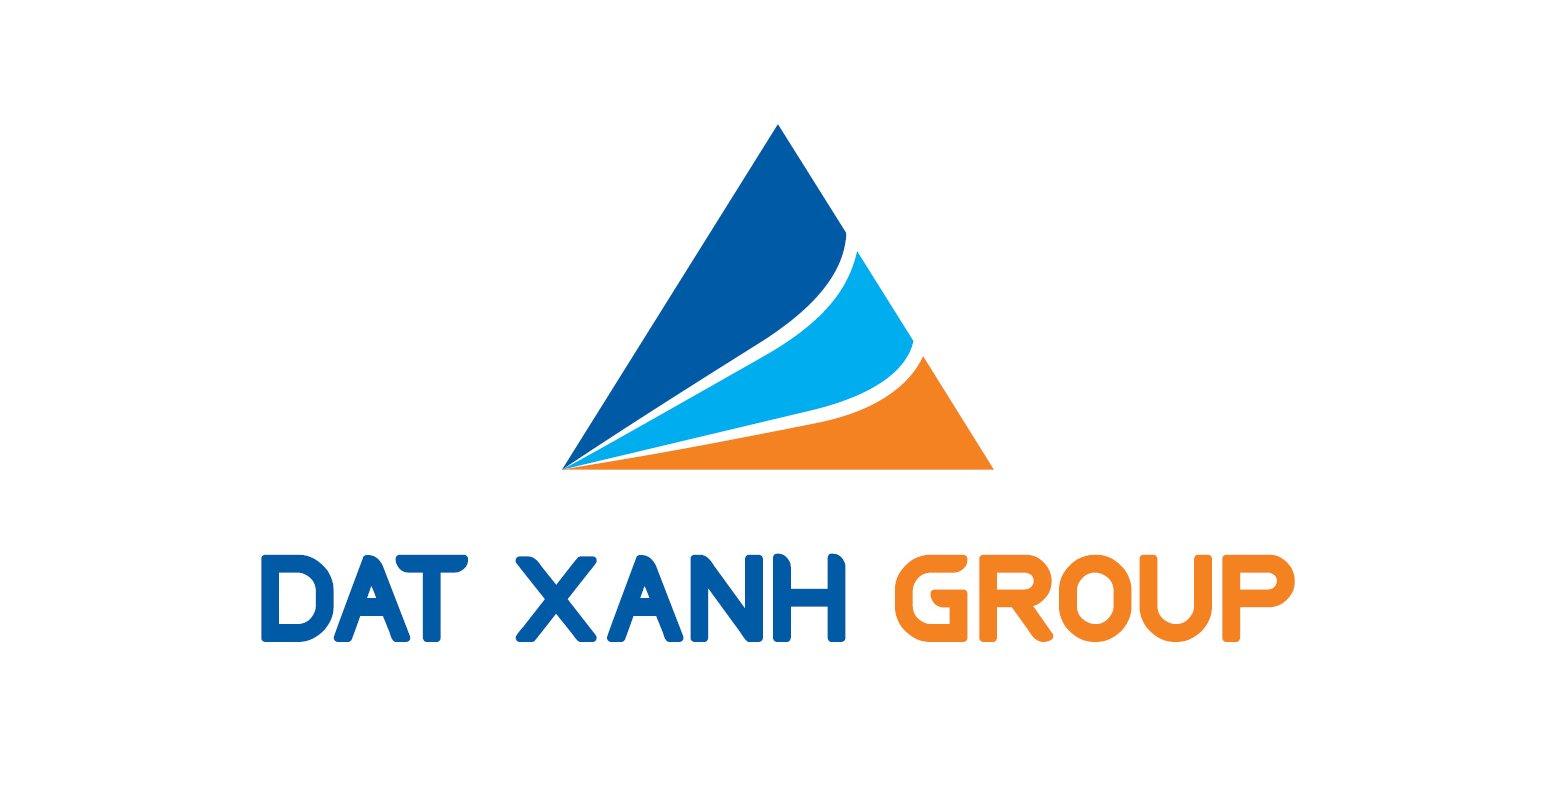 logo datxanh - Tập đoàn Đất Xanh Group là công ty nào? Có đáng đáng đầu tư?